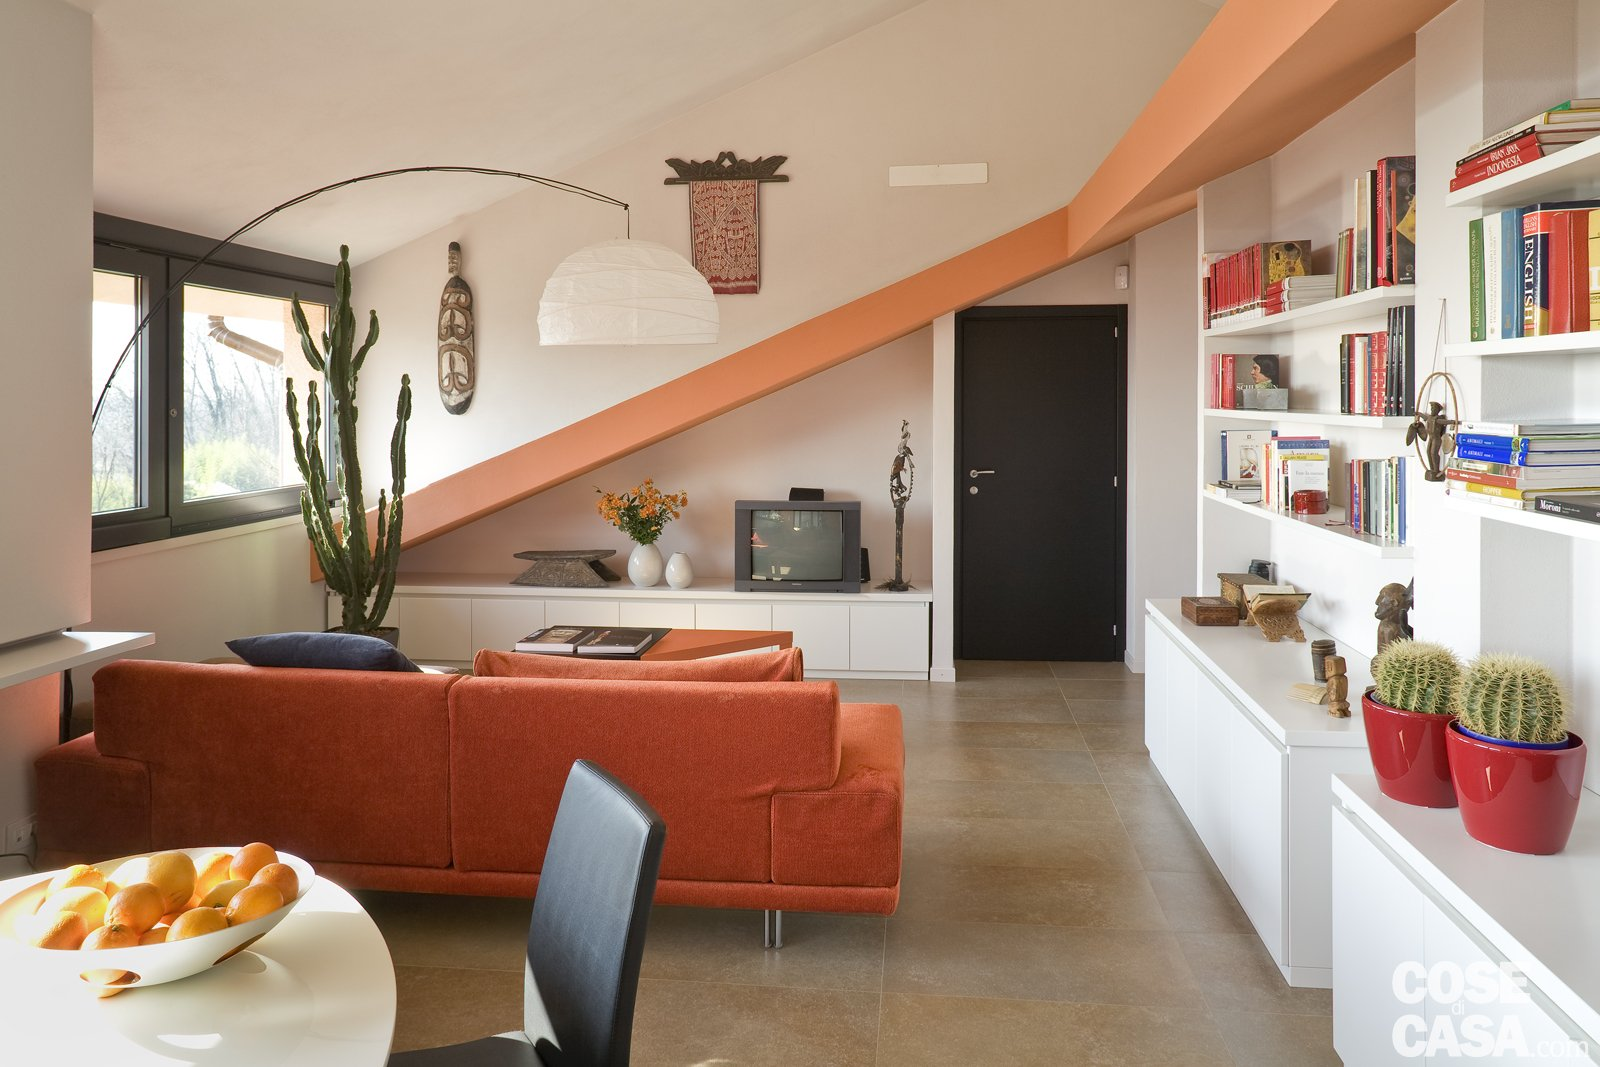 casa in mansarda con le soluzioni giuste per gli spazi